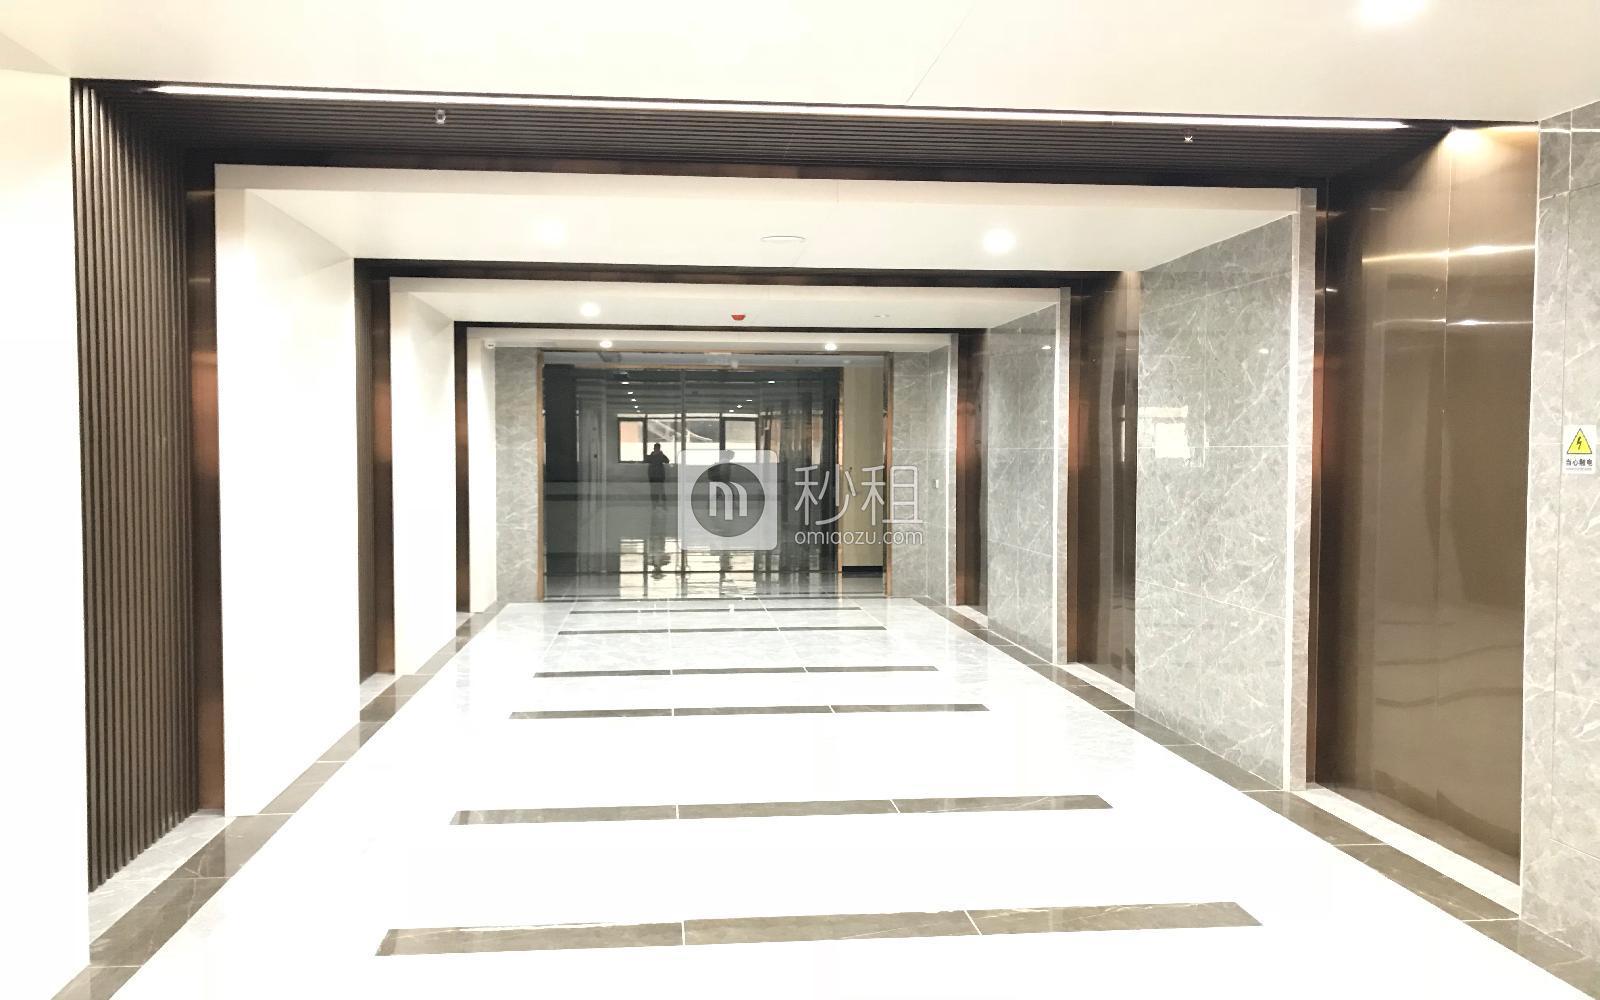 宝安-西乡 U8智造产业园(广豪锋工业园) 152.1m²